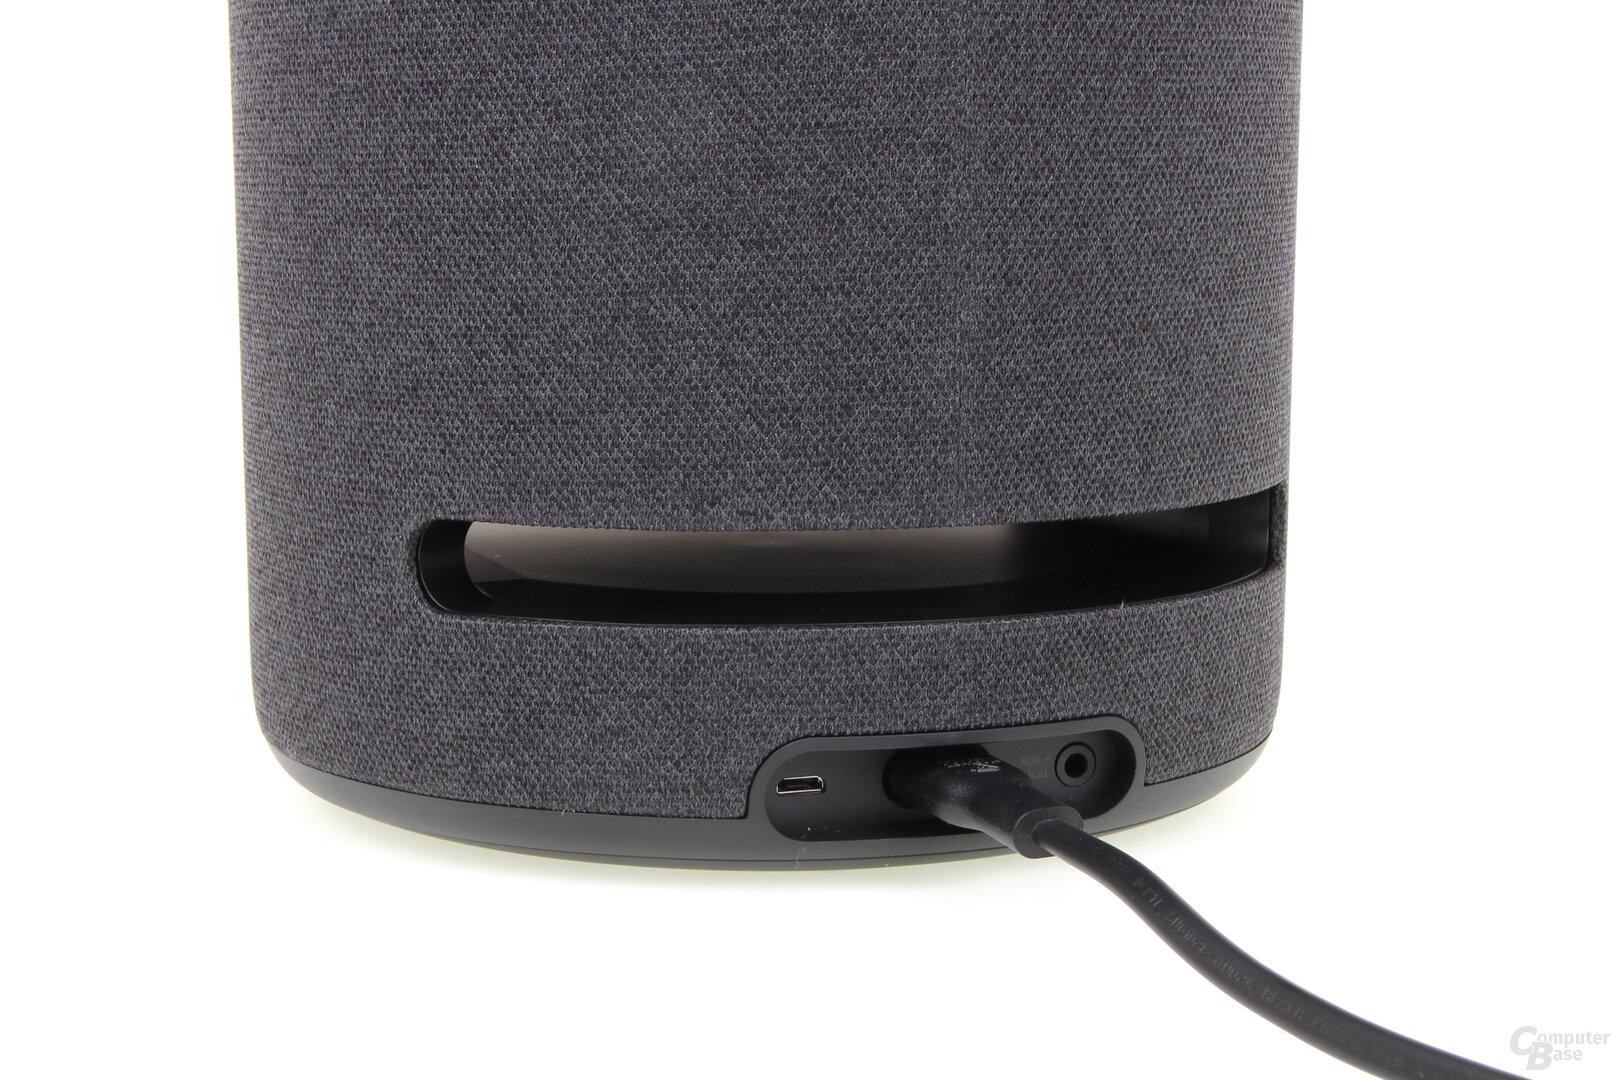 Amazon Echo Studio: Stromanschluss und optischer Eingang an der Rückseite